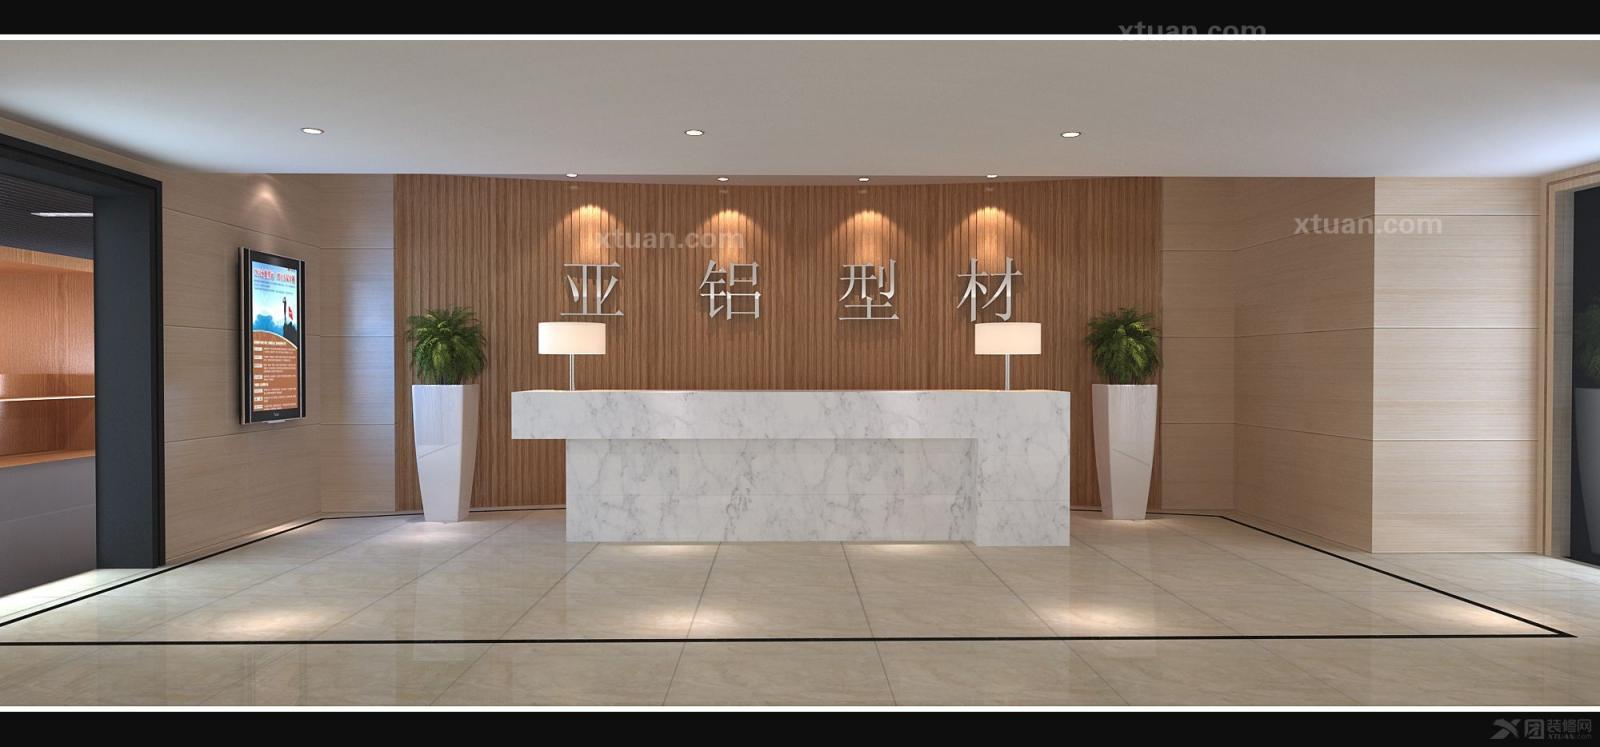 混搭风格_宁波海曙金都国际办公楼装修效果图-x团装修